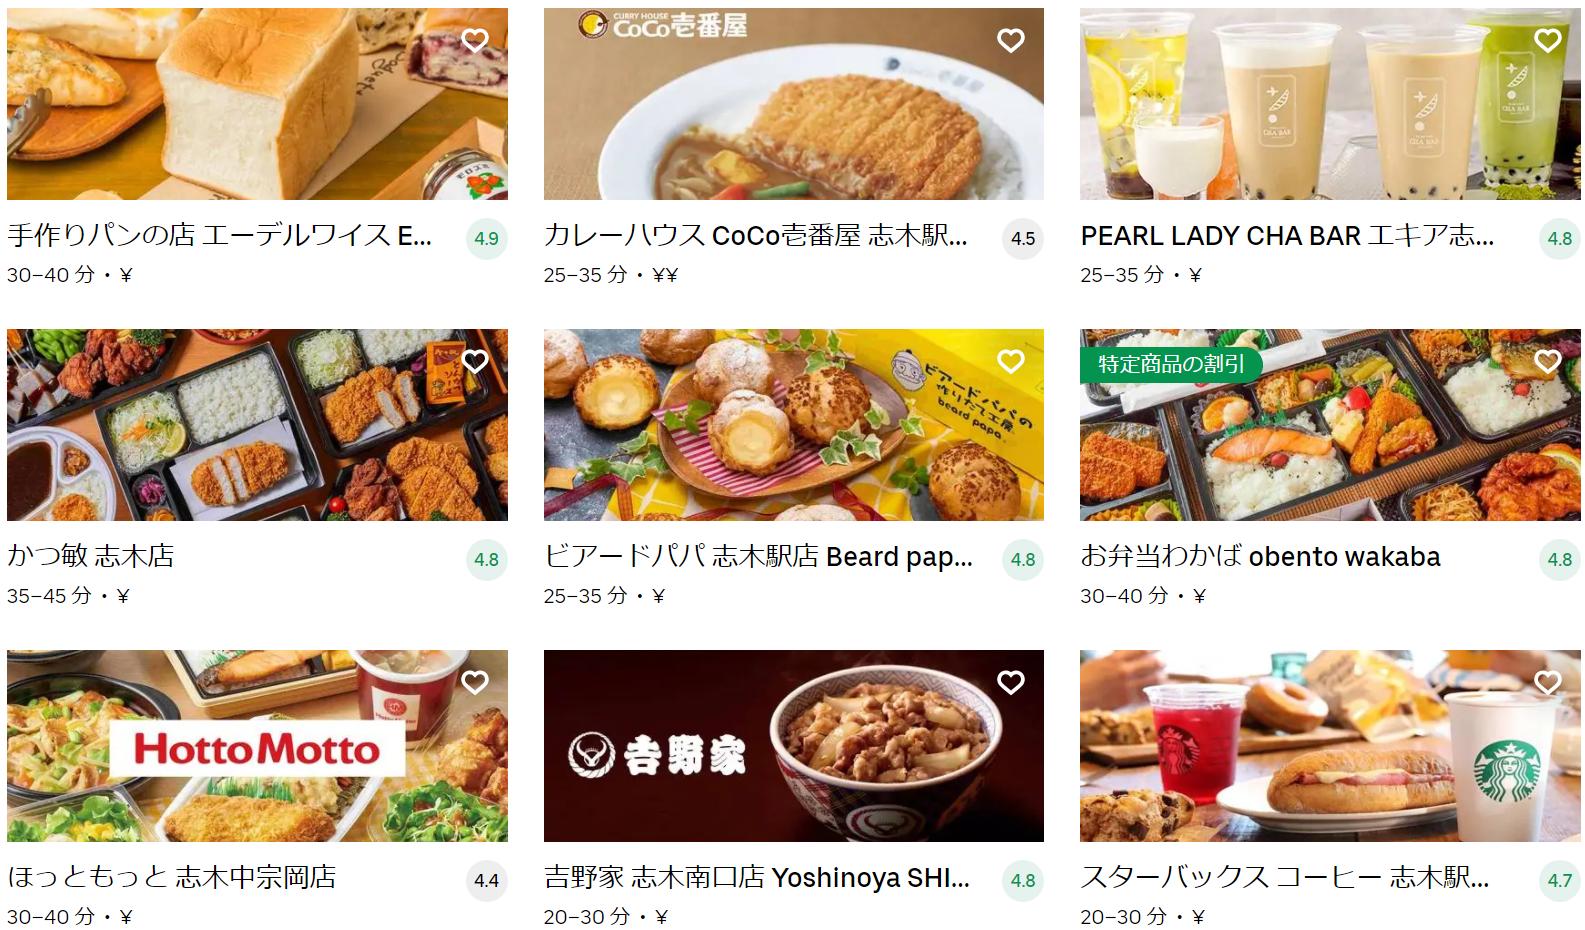 志木市エリアのおすすめUber Eats(ウーバーイーツ)メニュー